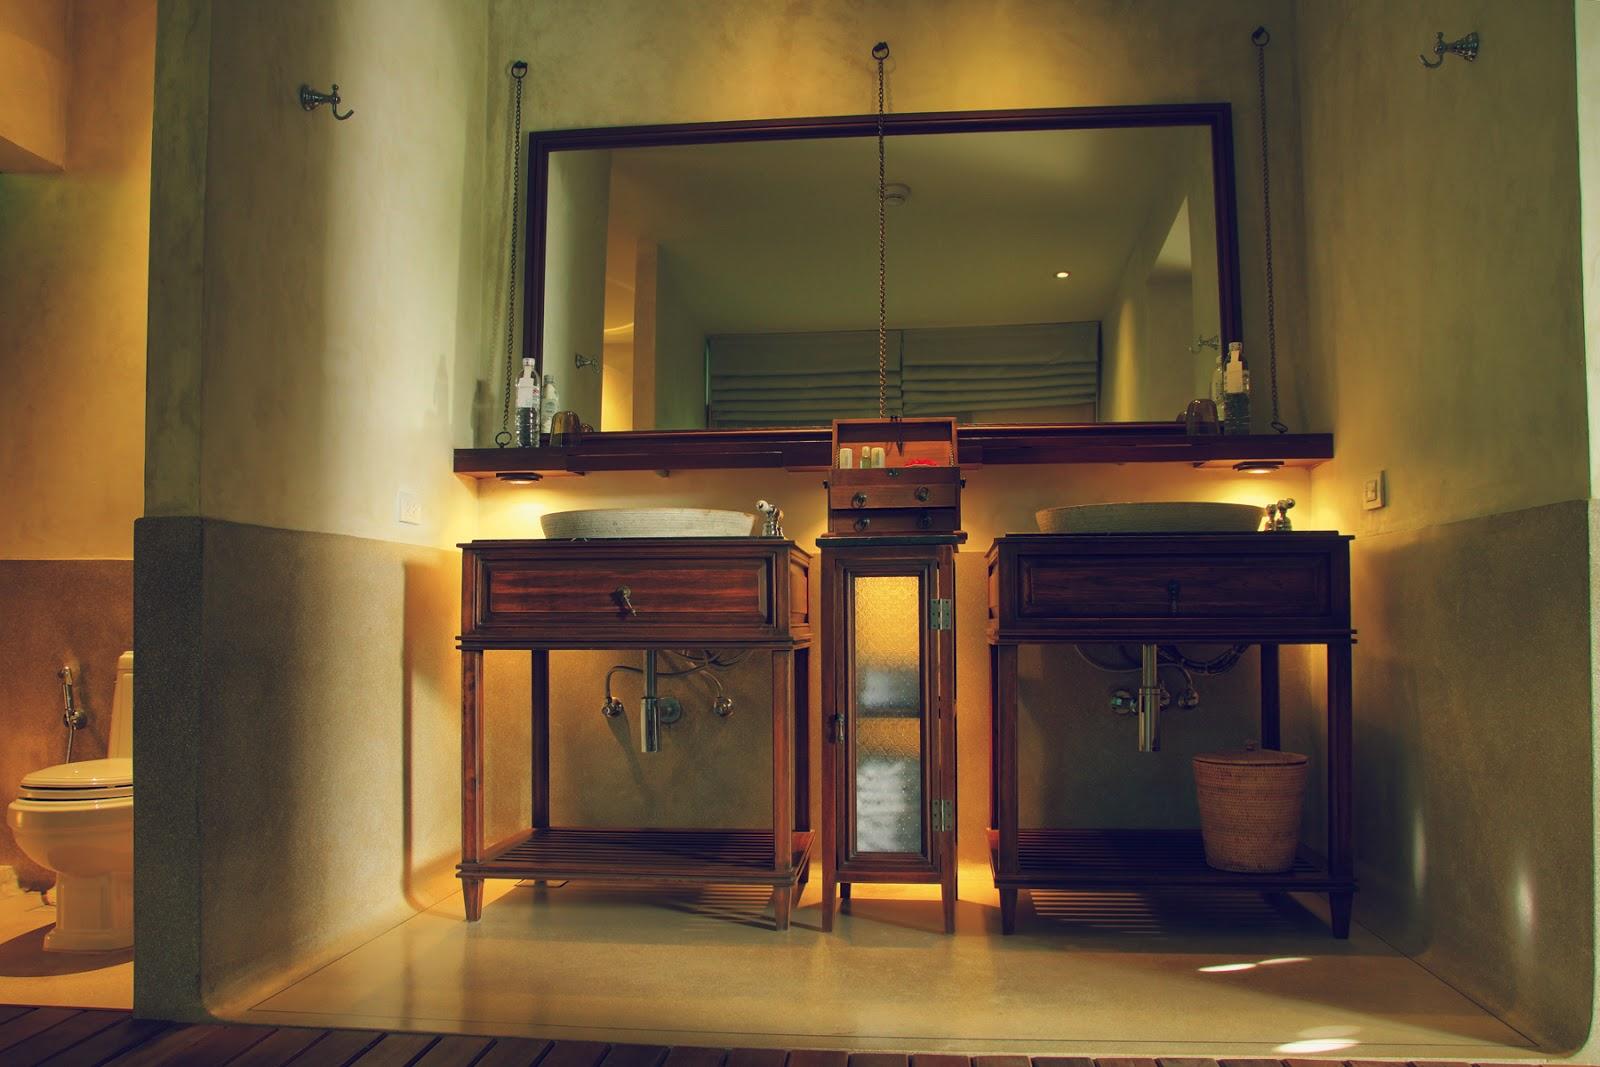 le meridian koh samui bathroom